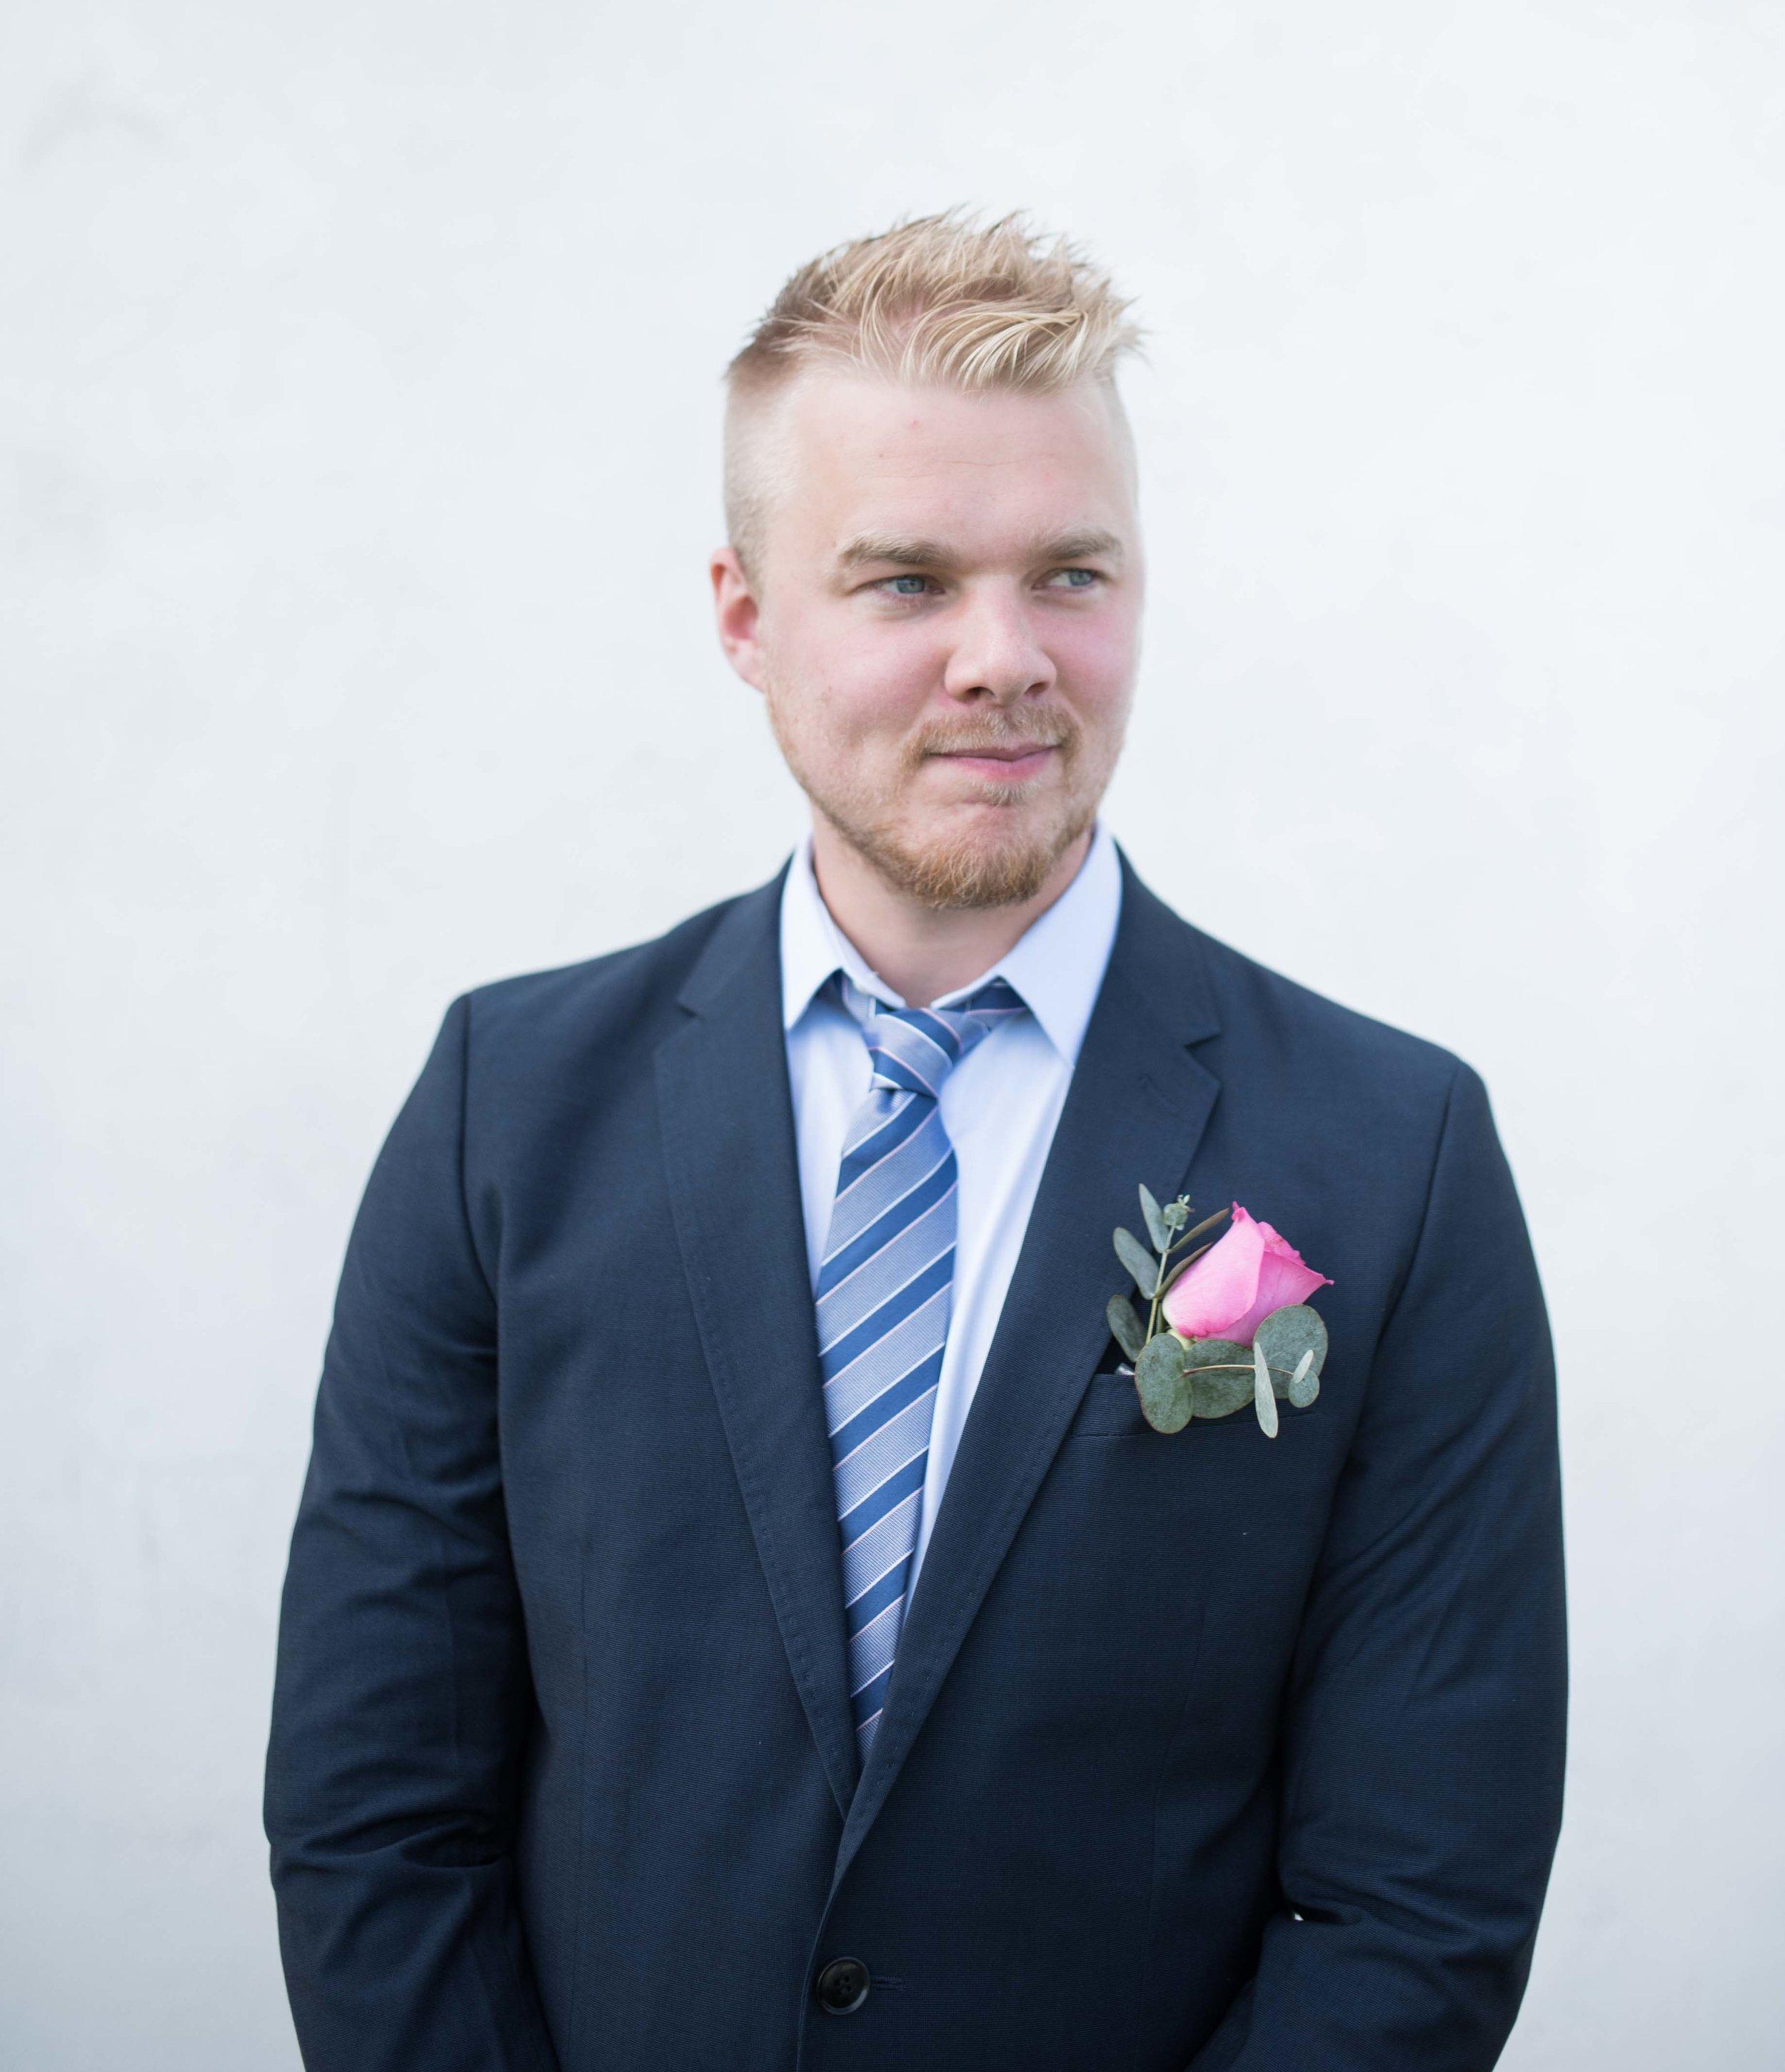 Bröllop2019lågkvall-4705.jpg